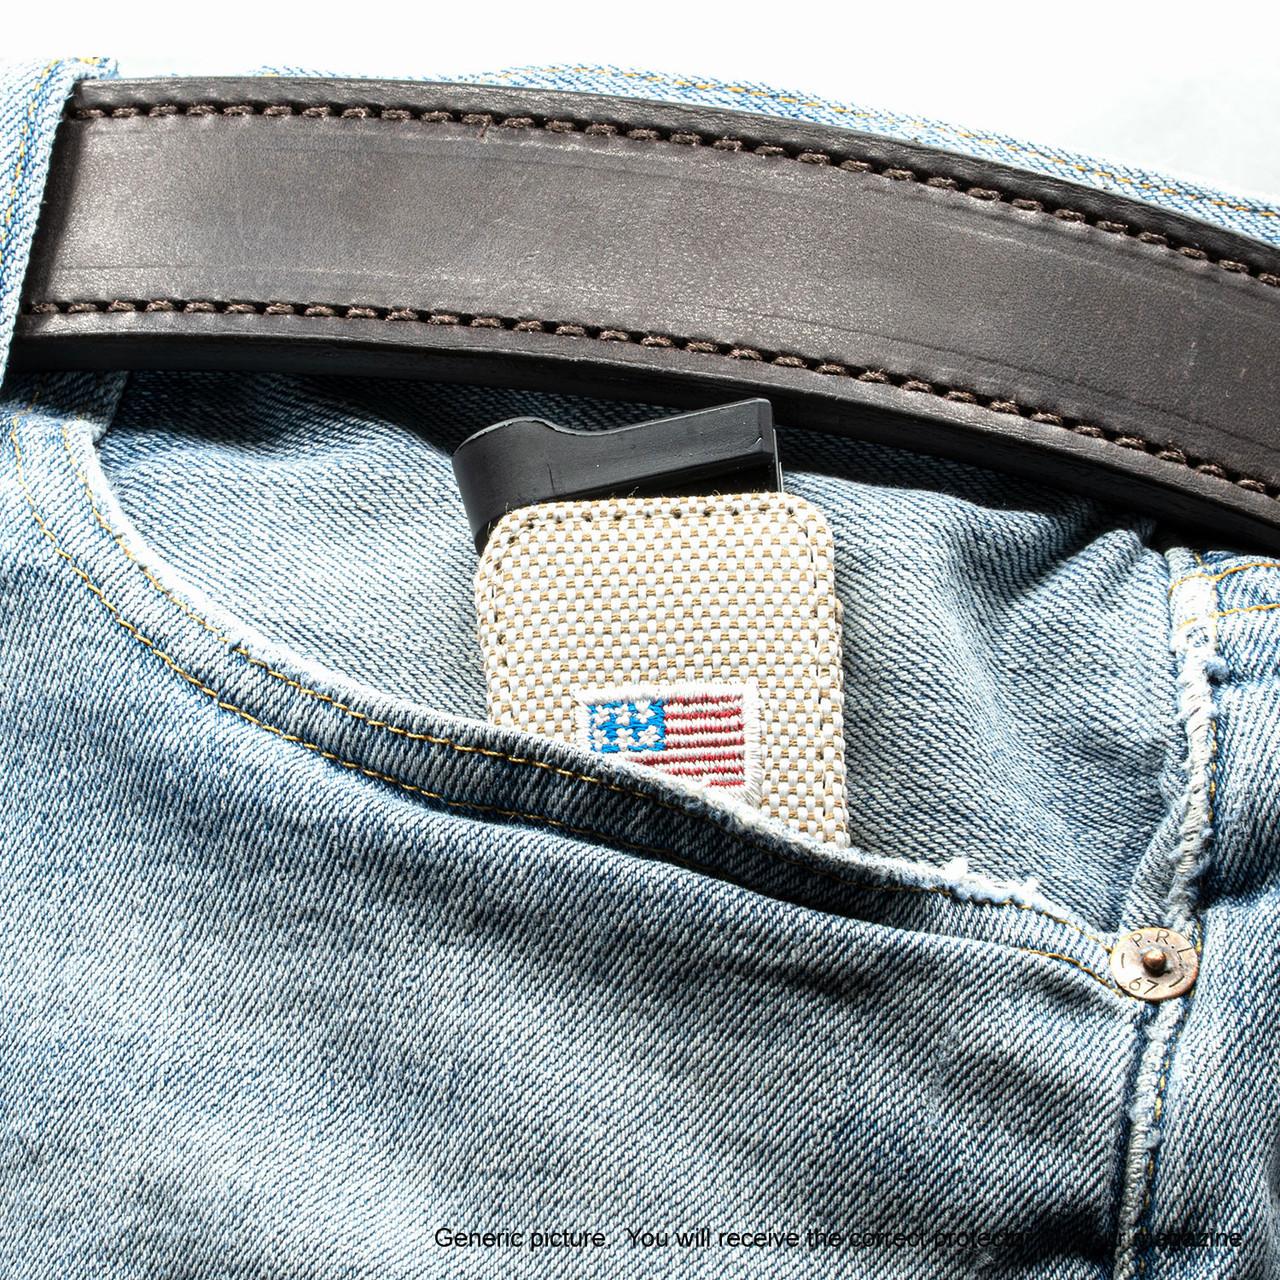 Kahr S9 Tan Canvas Flag Magazine Pocket Protector